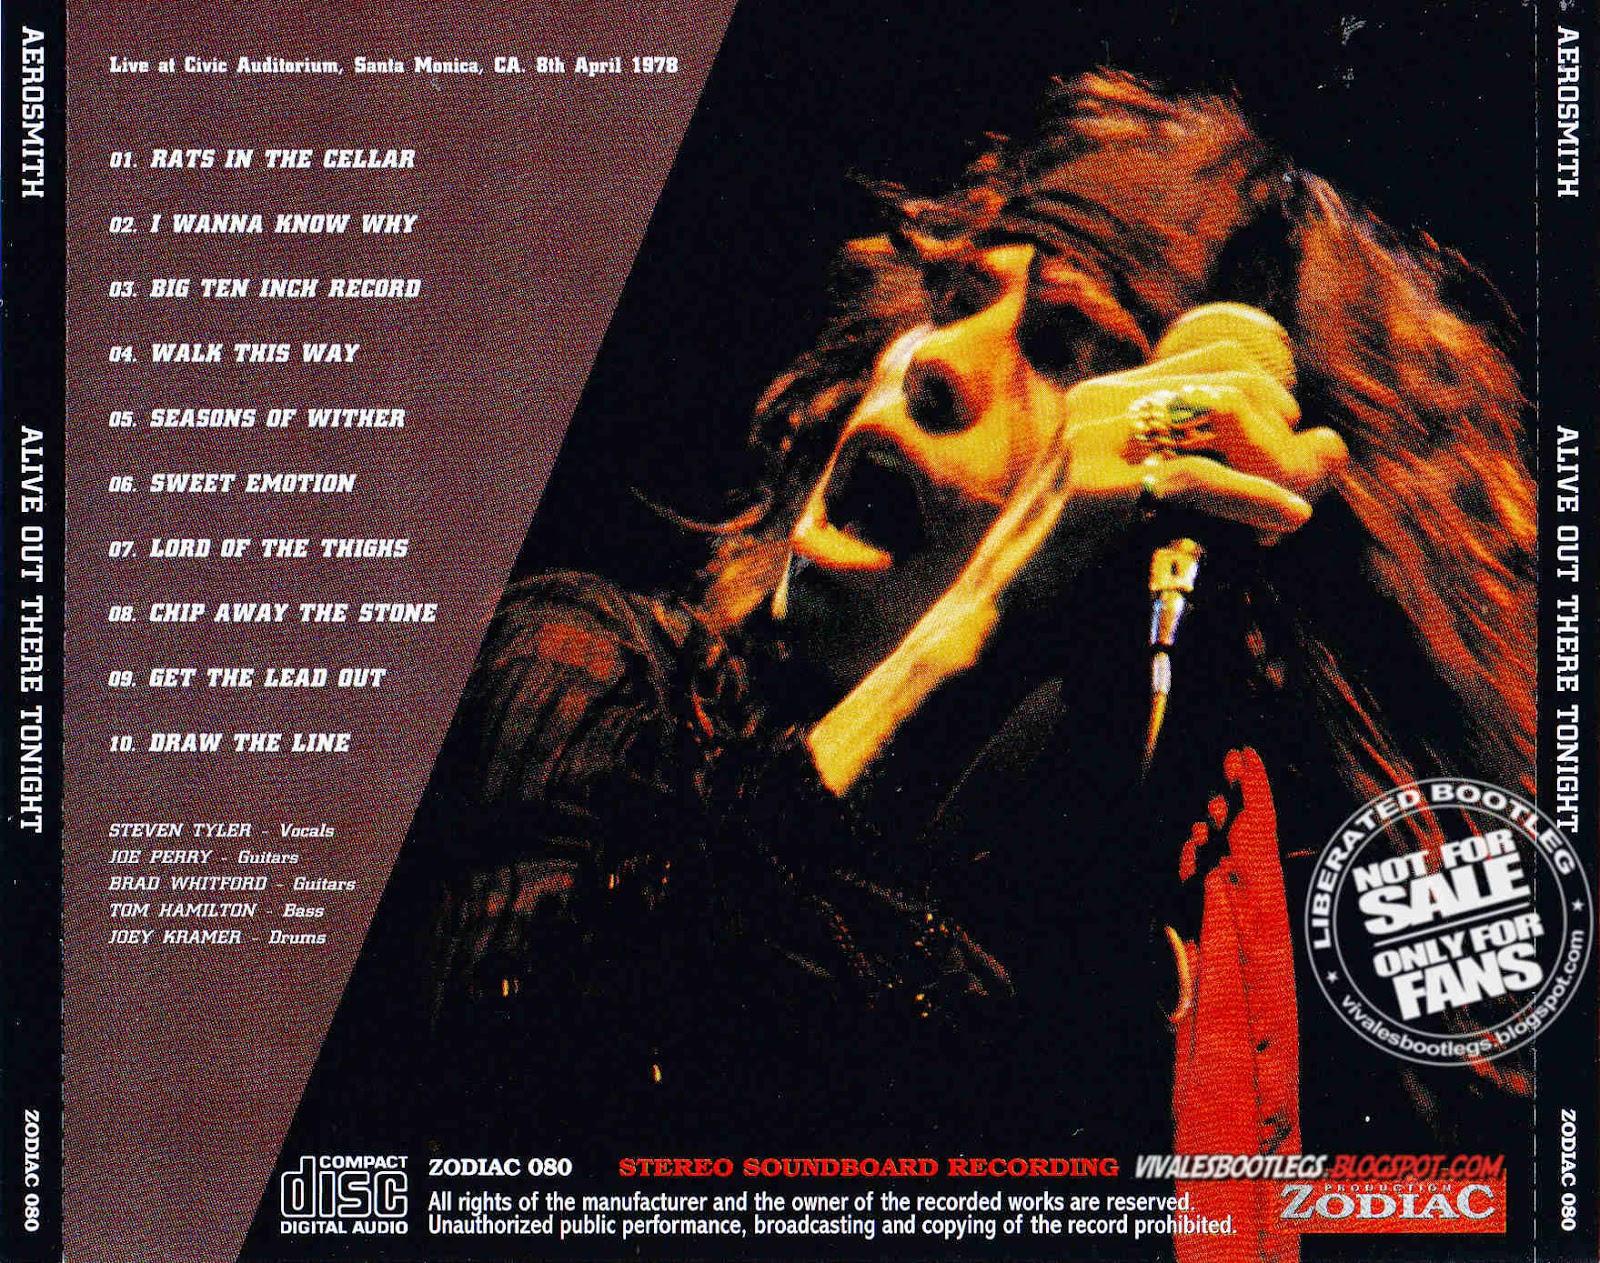 Aerosmith Tour Usa